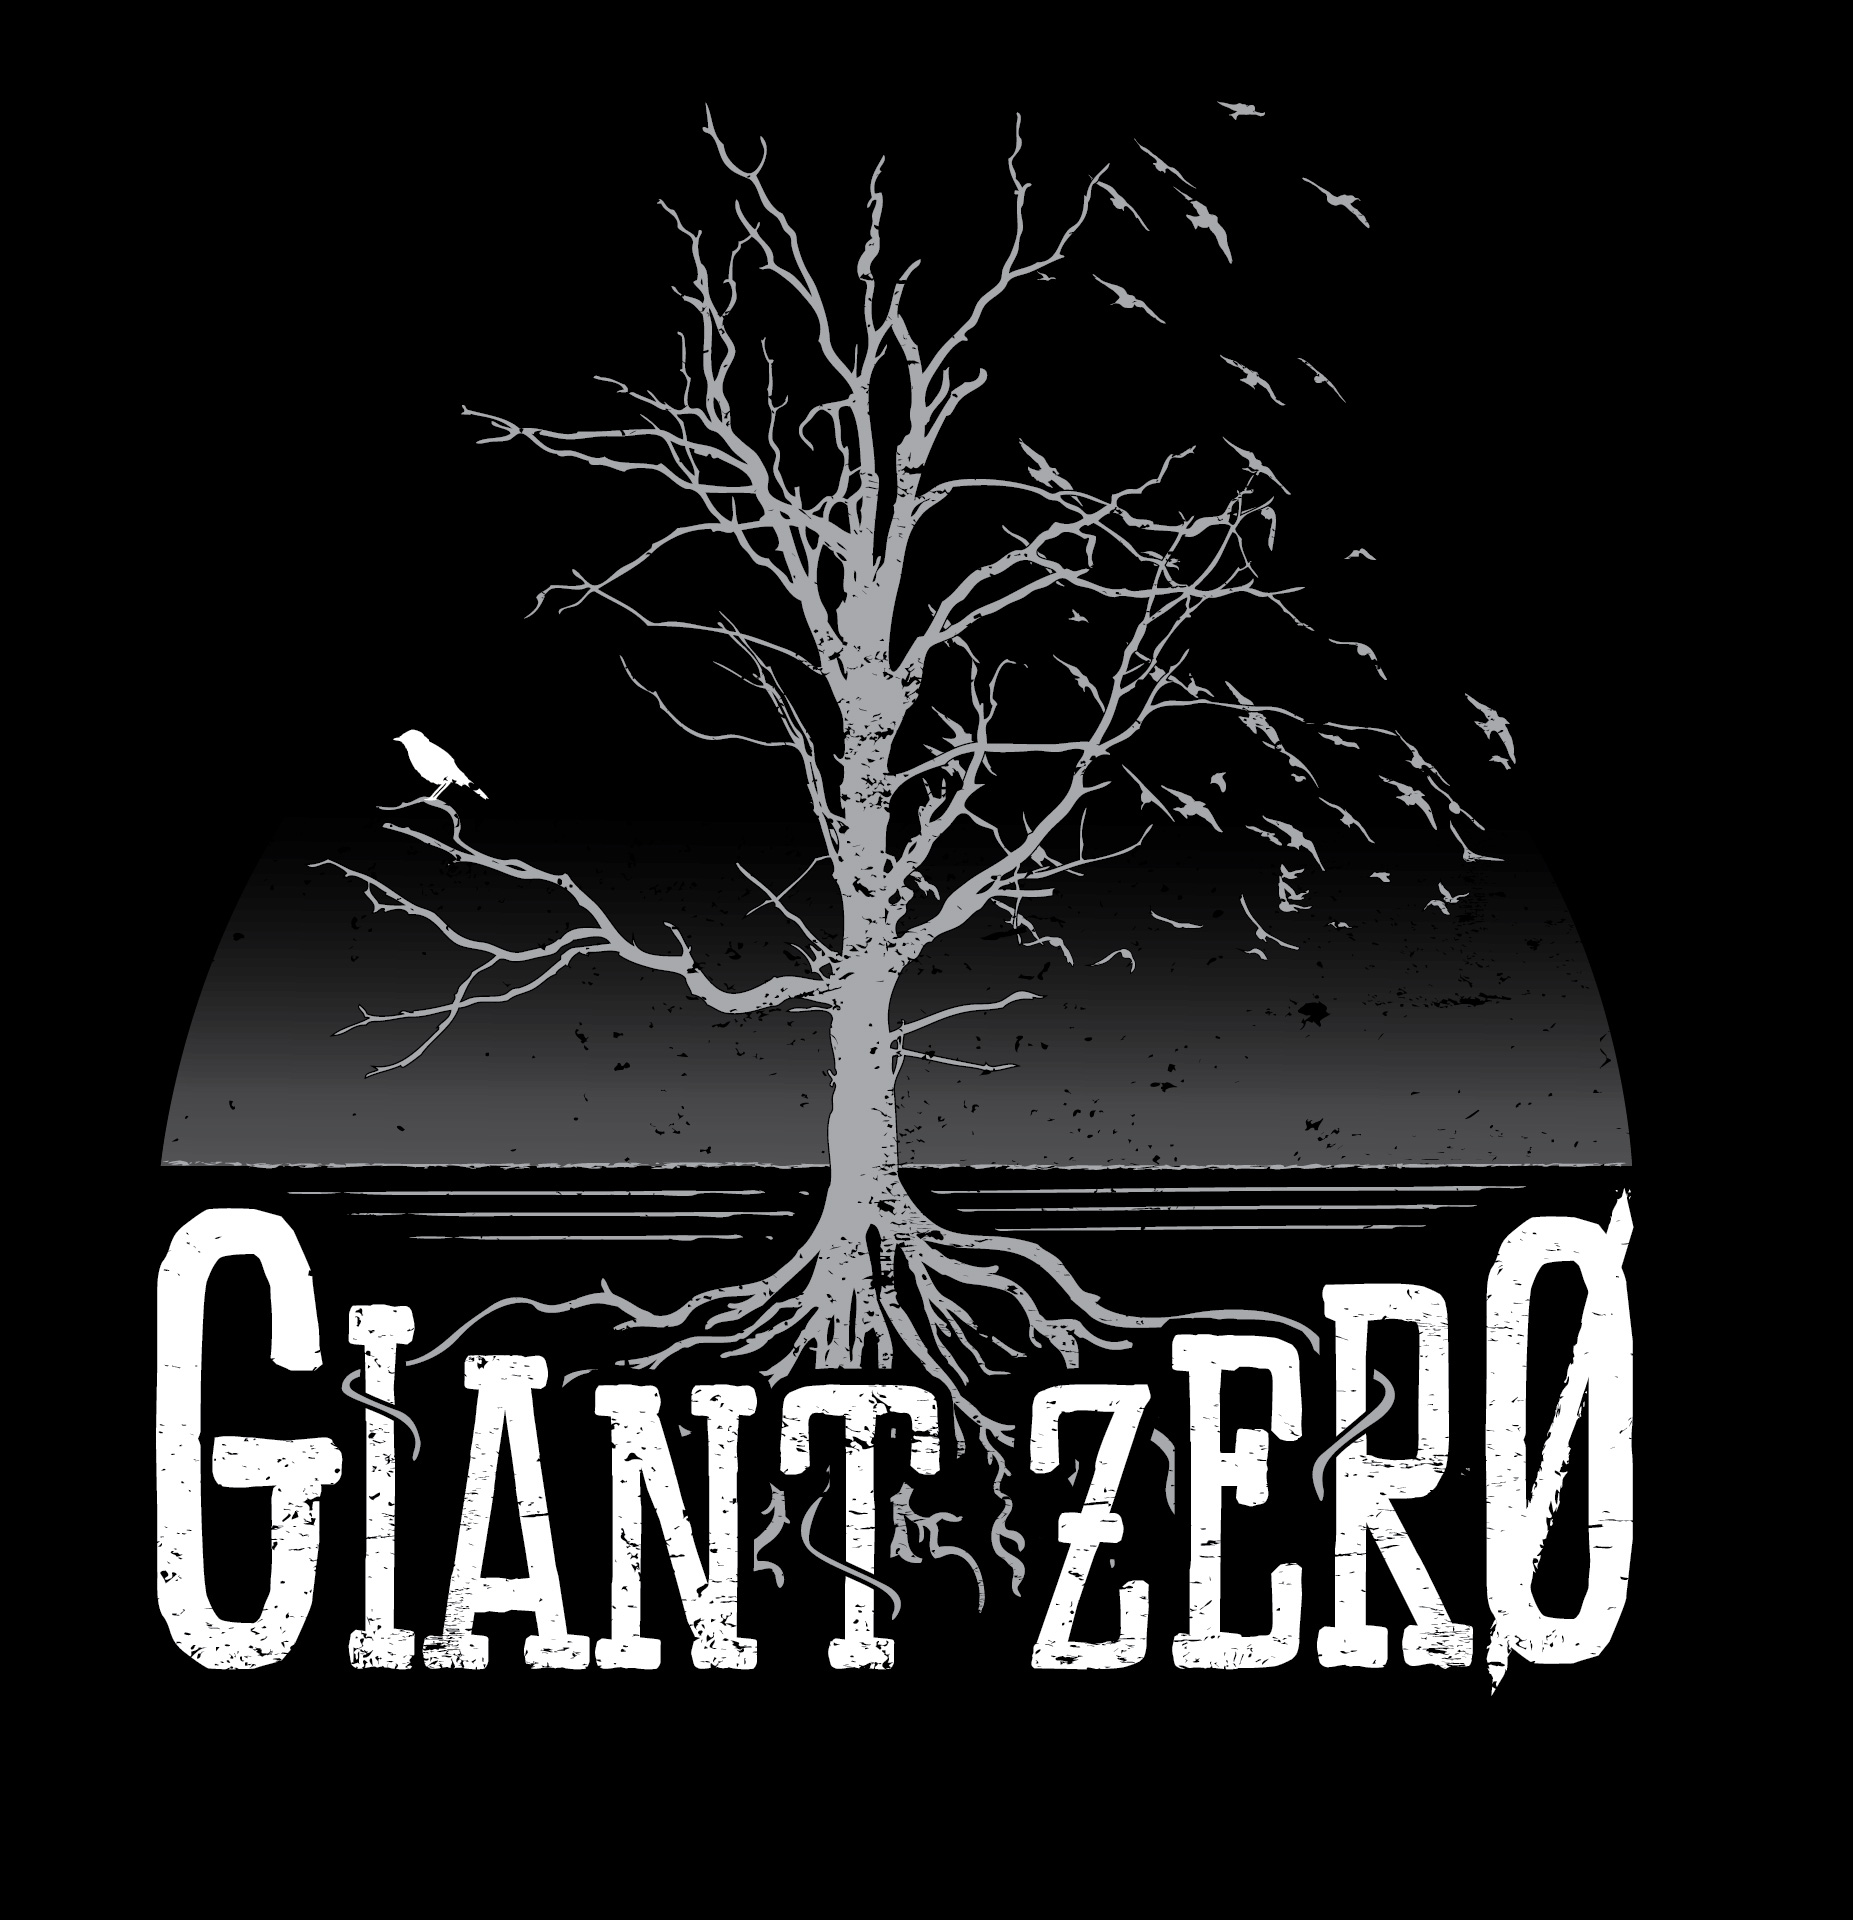 Giant Zero Tree.jpg